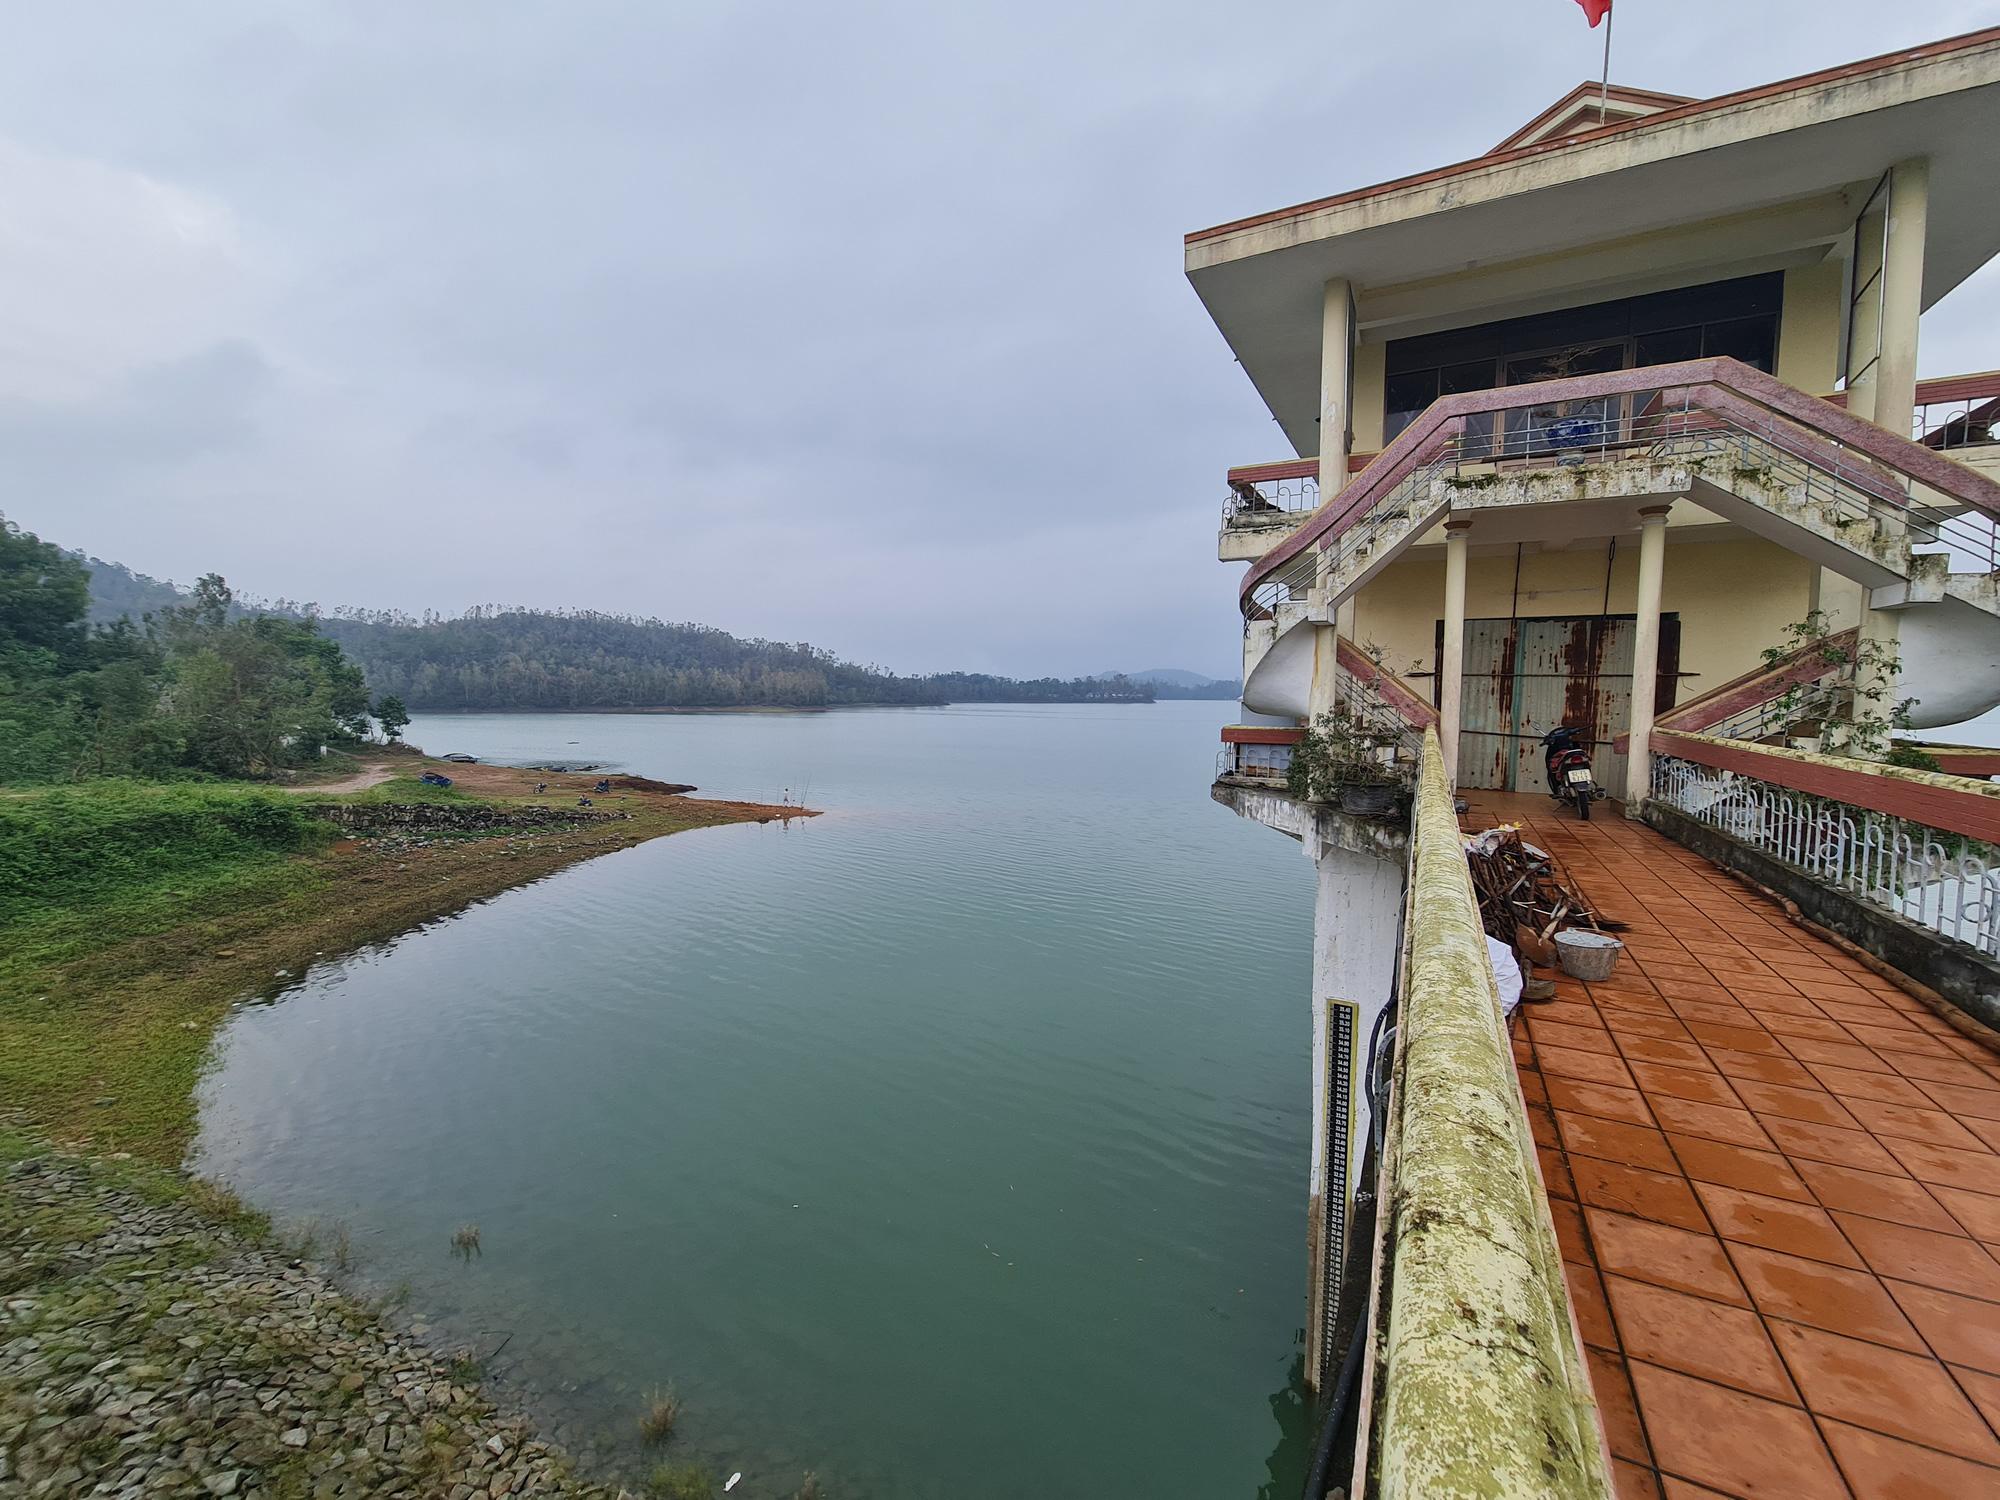 Quảng Nam: Hồ Phú Ninh an toàn, còn chứa khoảng 200 triệu mét khối nước - Ảnh 3.